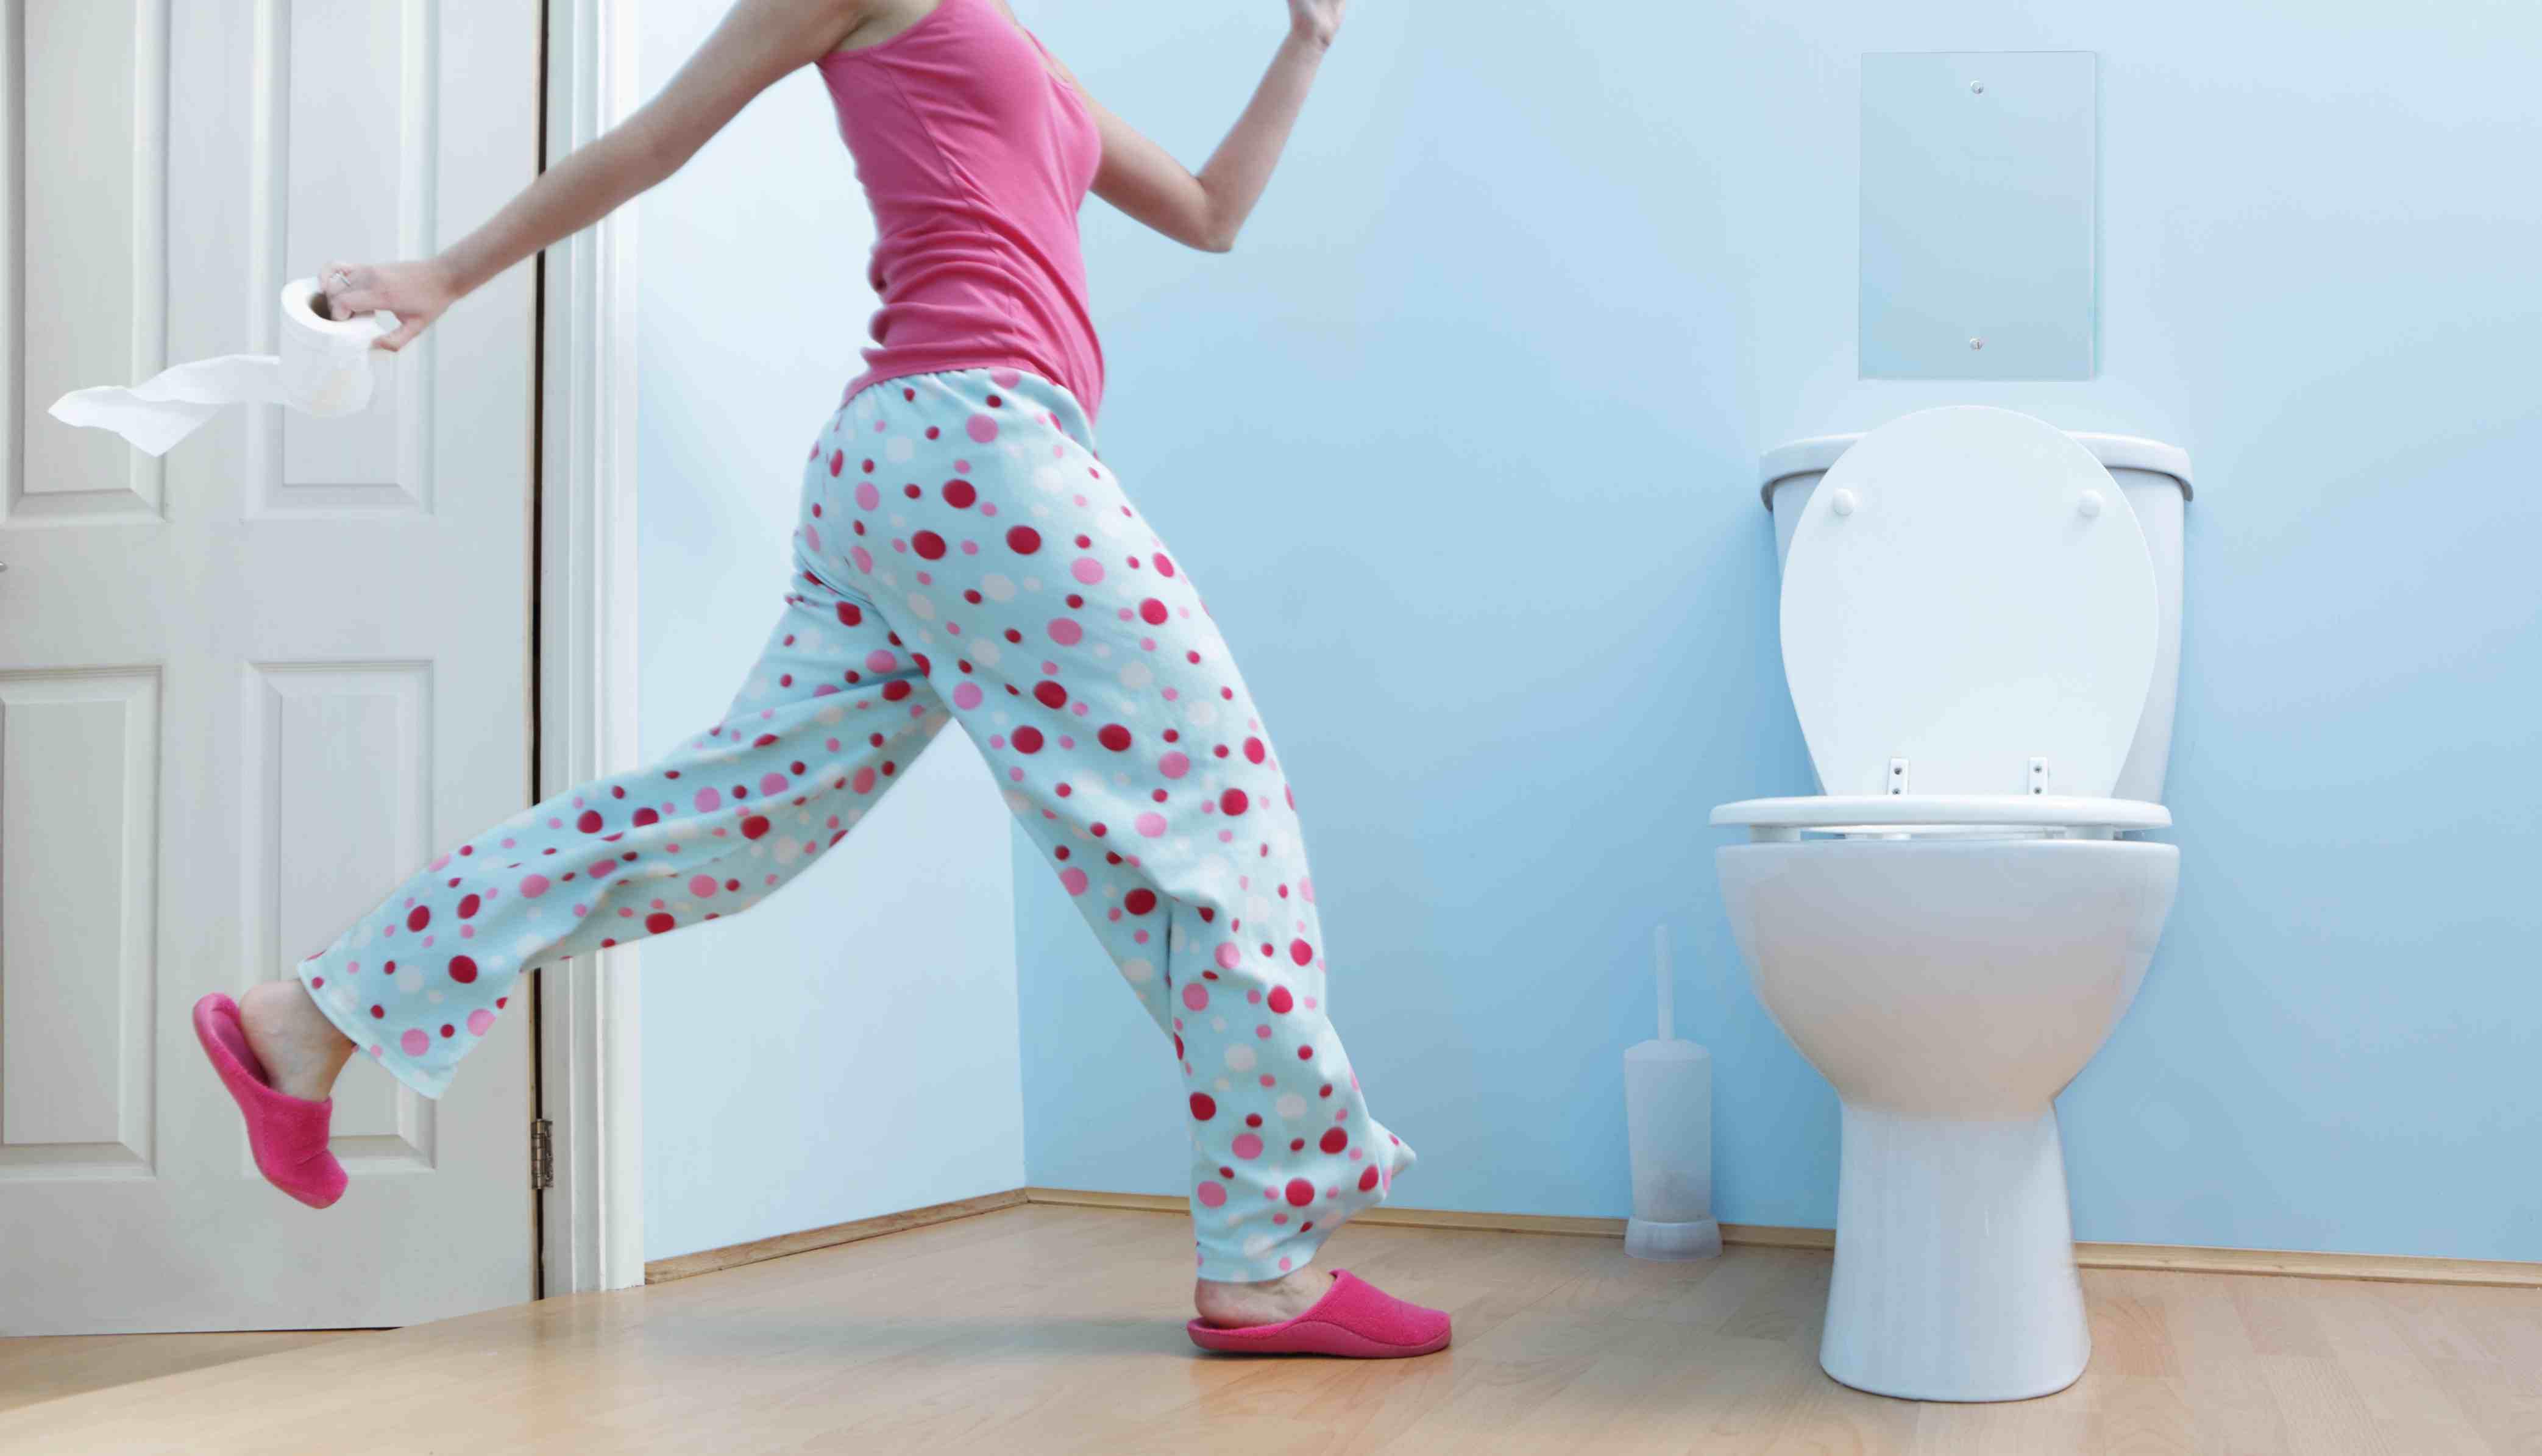 9 Endometriosis Symptoms And Risk Factors